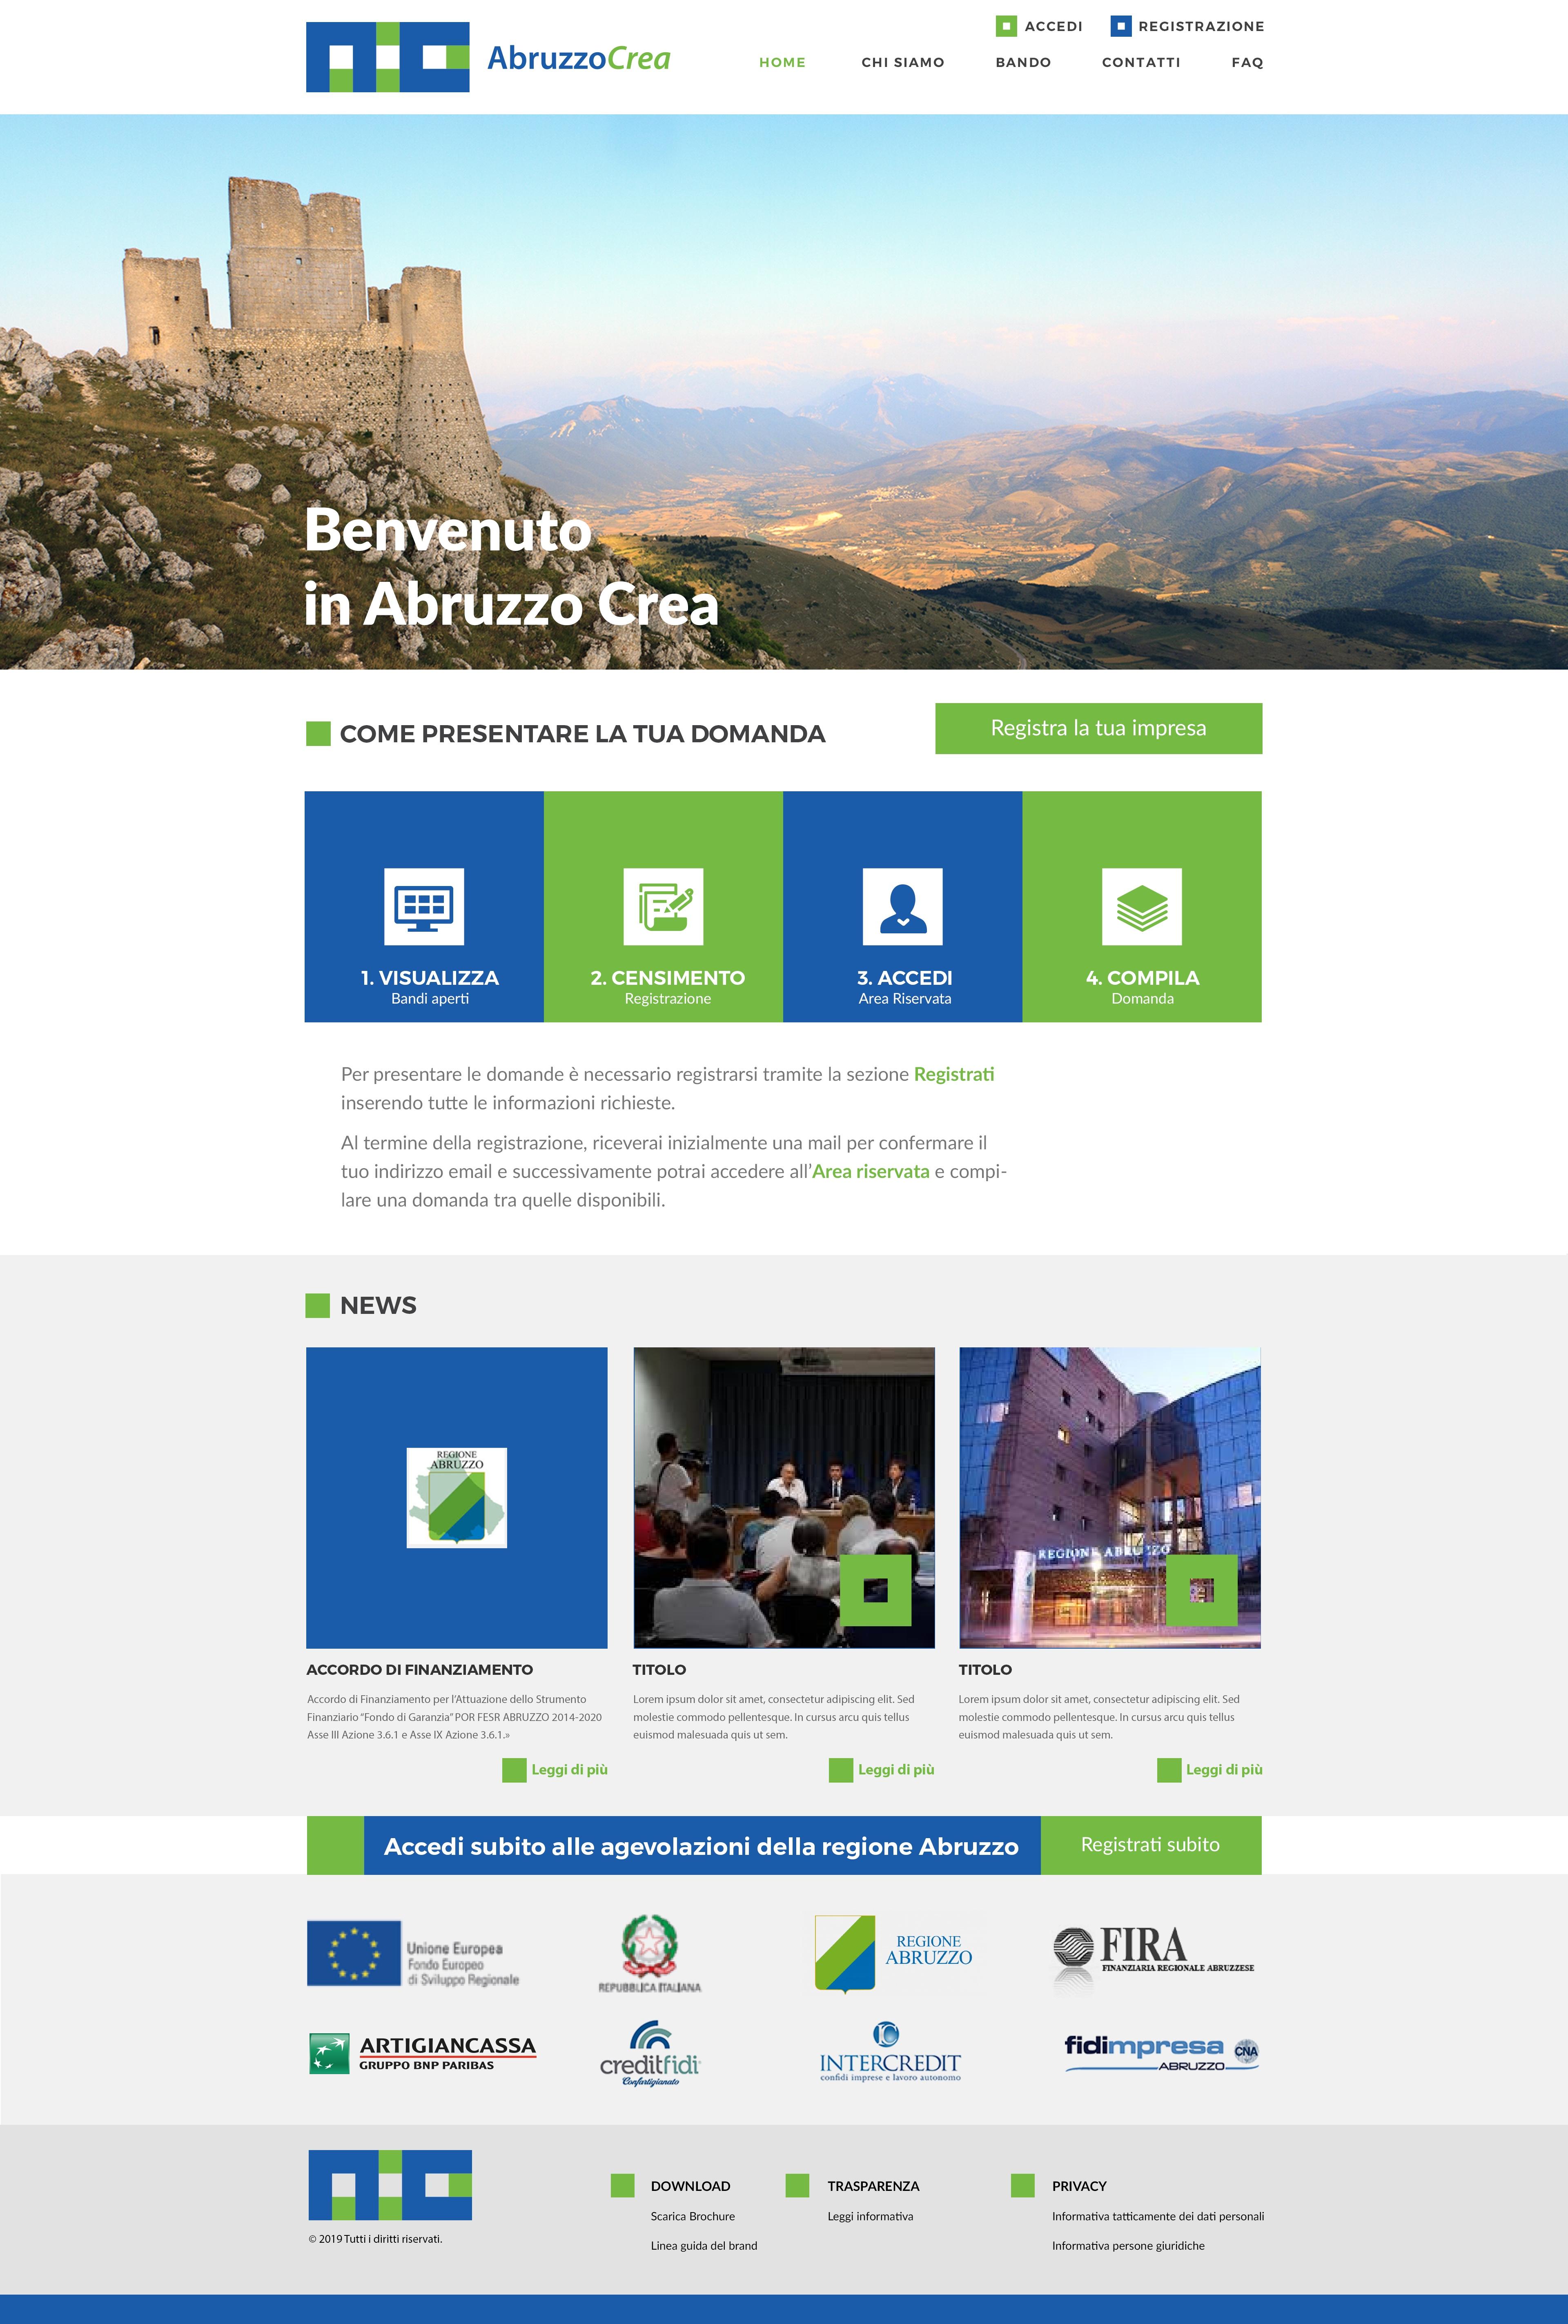 design ui/ux sito web brand